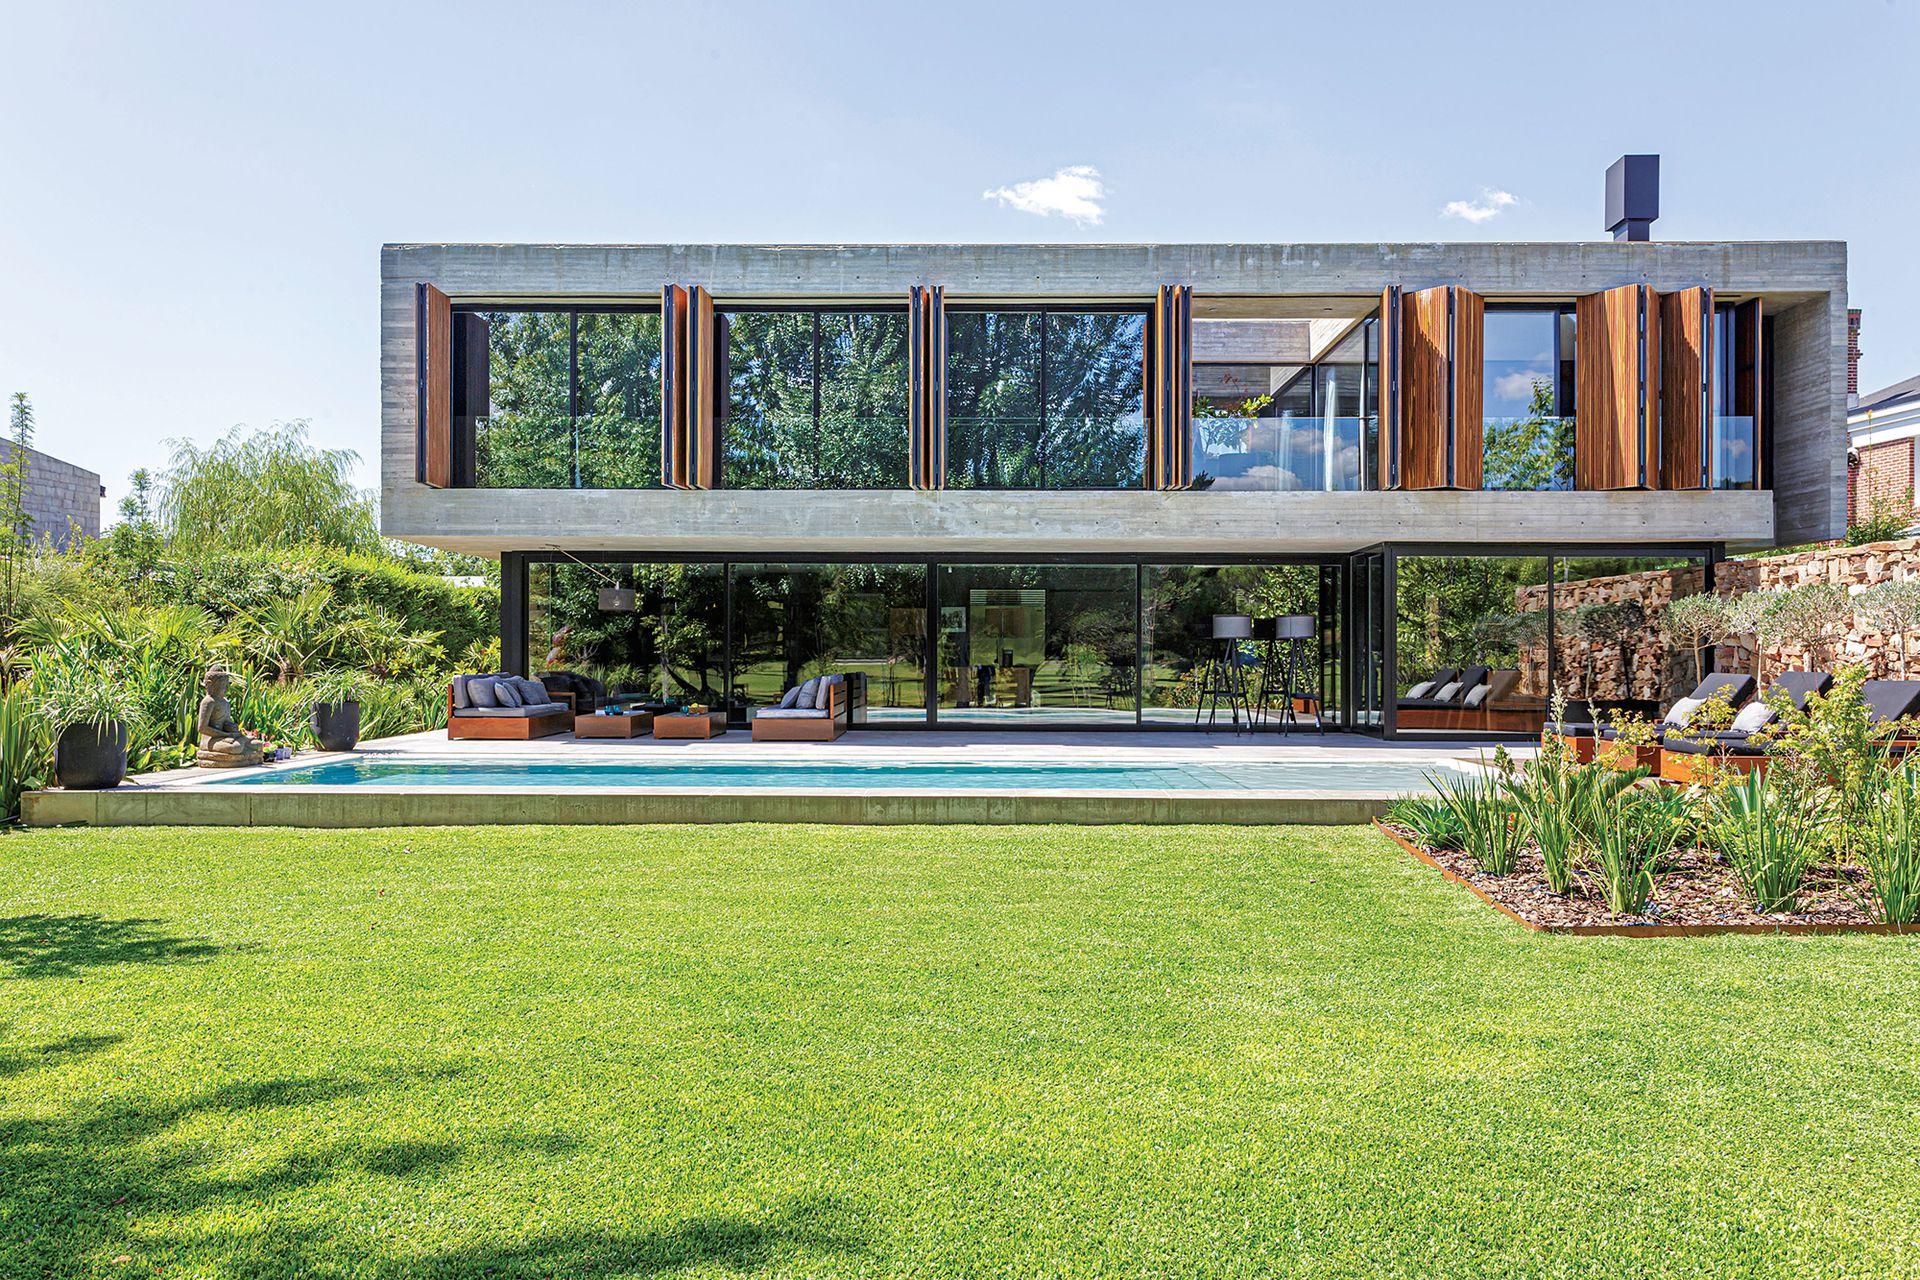 Las generosas aberturas le dan transparencia a la casa.